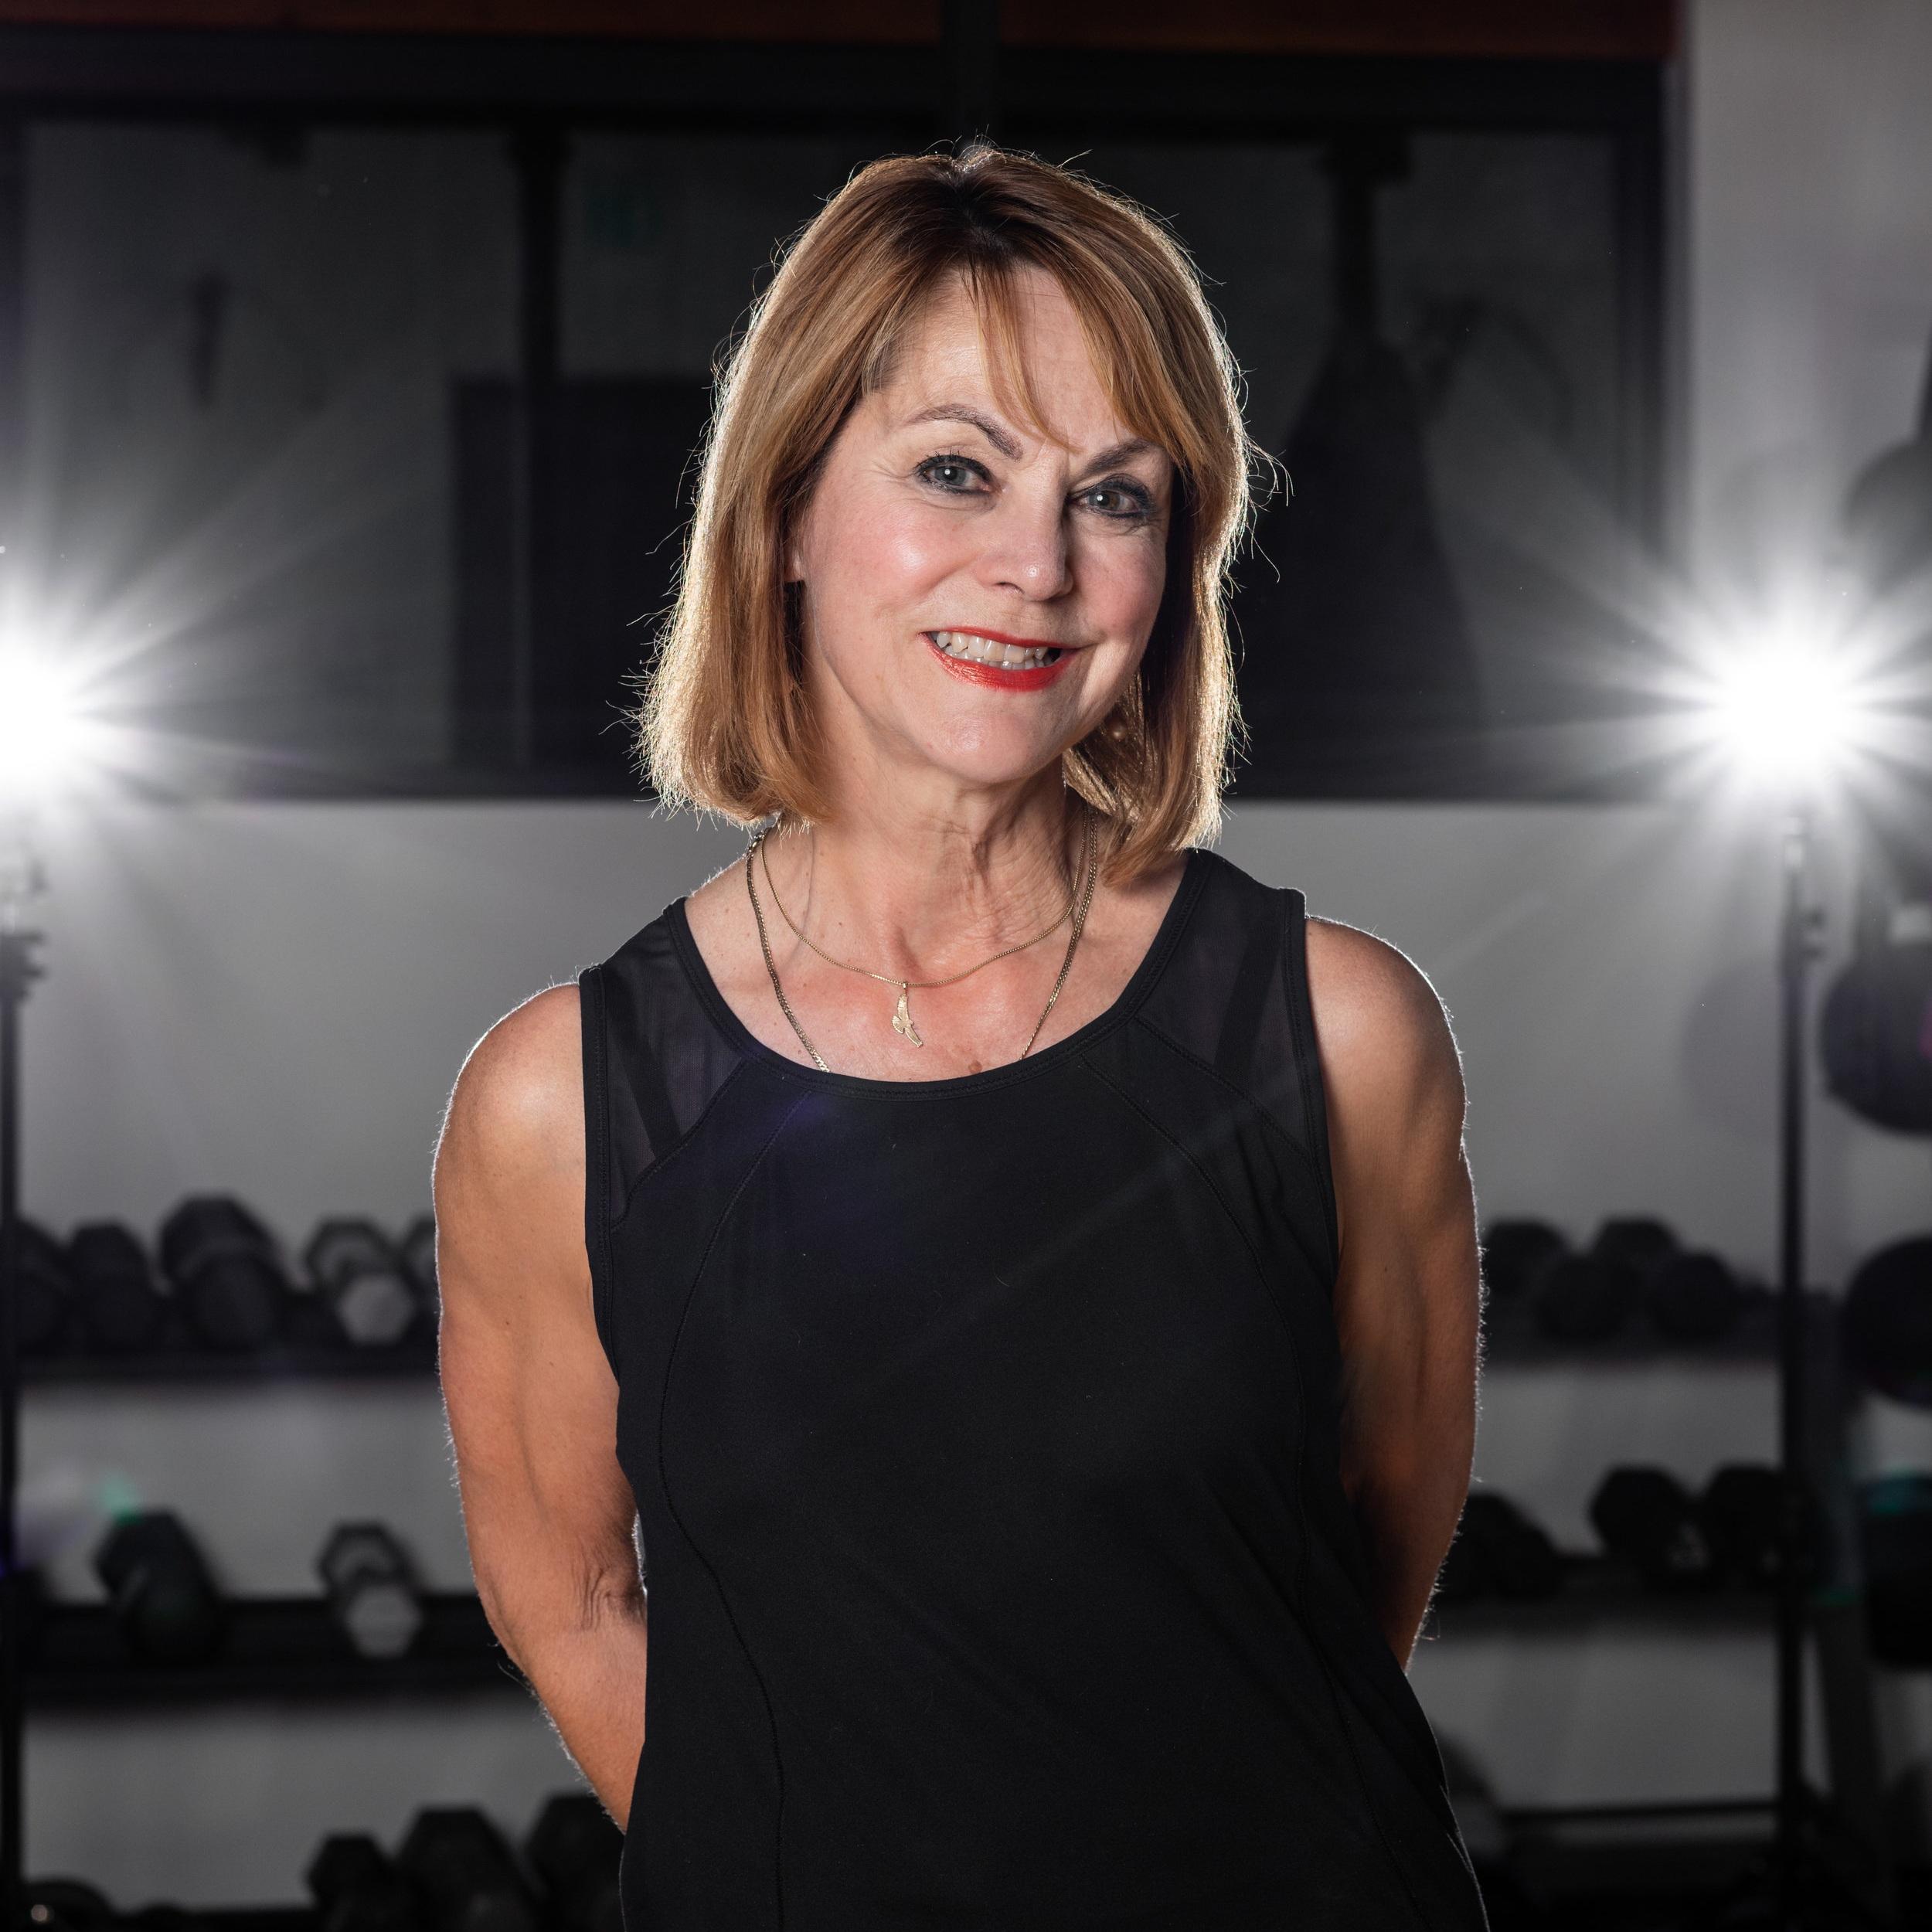 Linda Stejskal